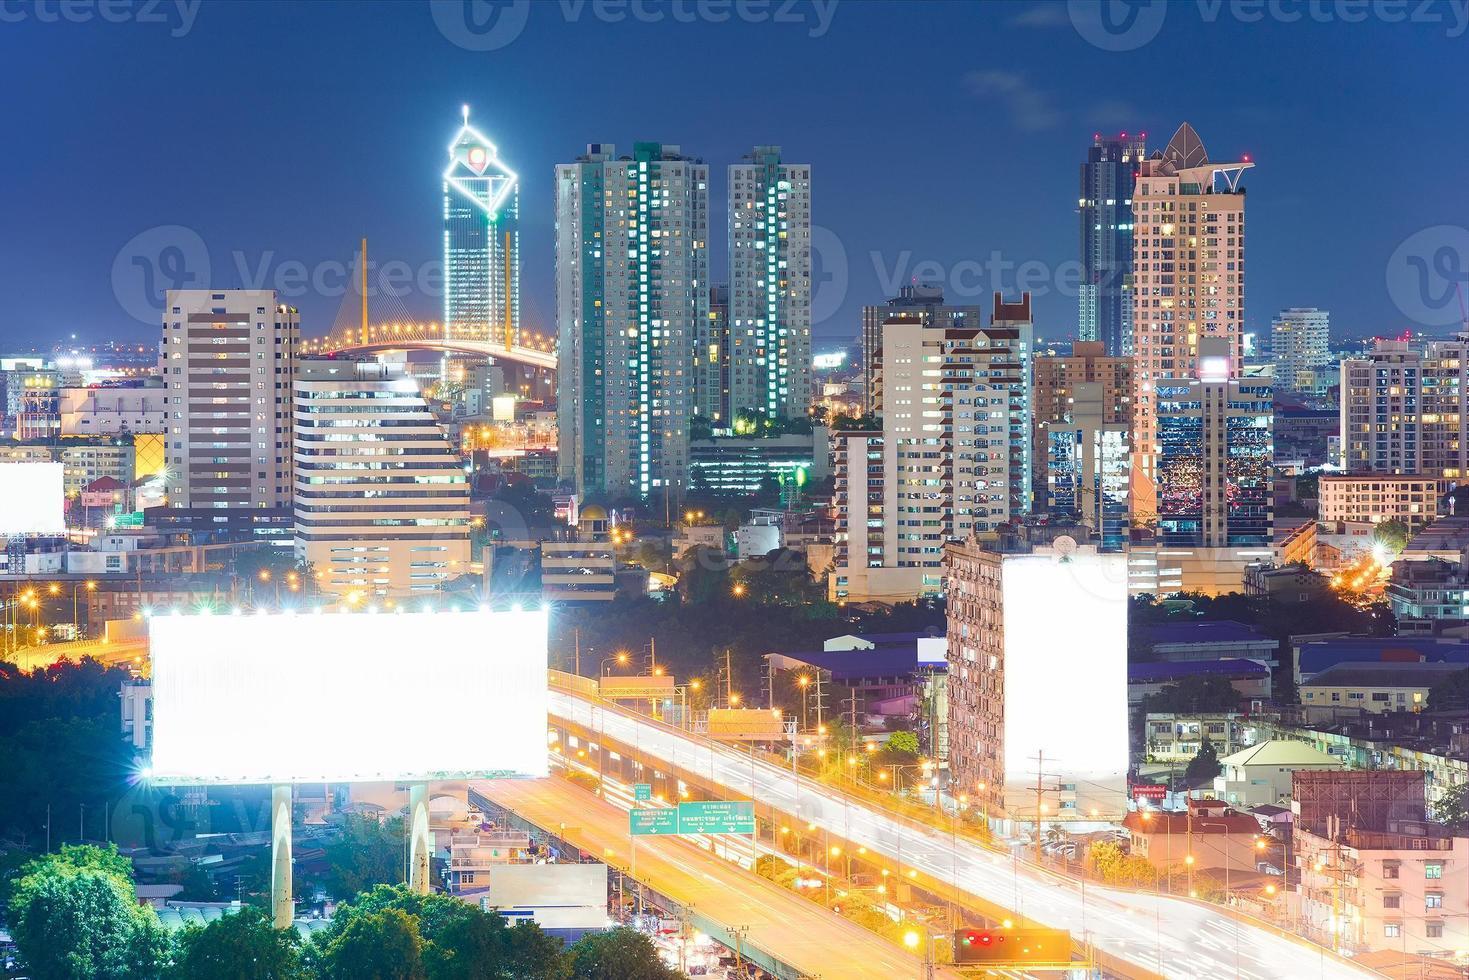 die Autobahn Plakatwand in der Stadt foto